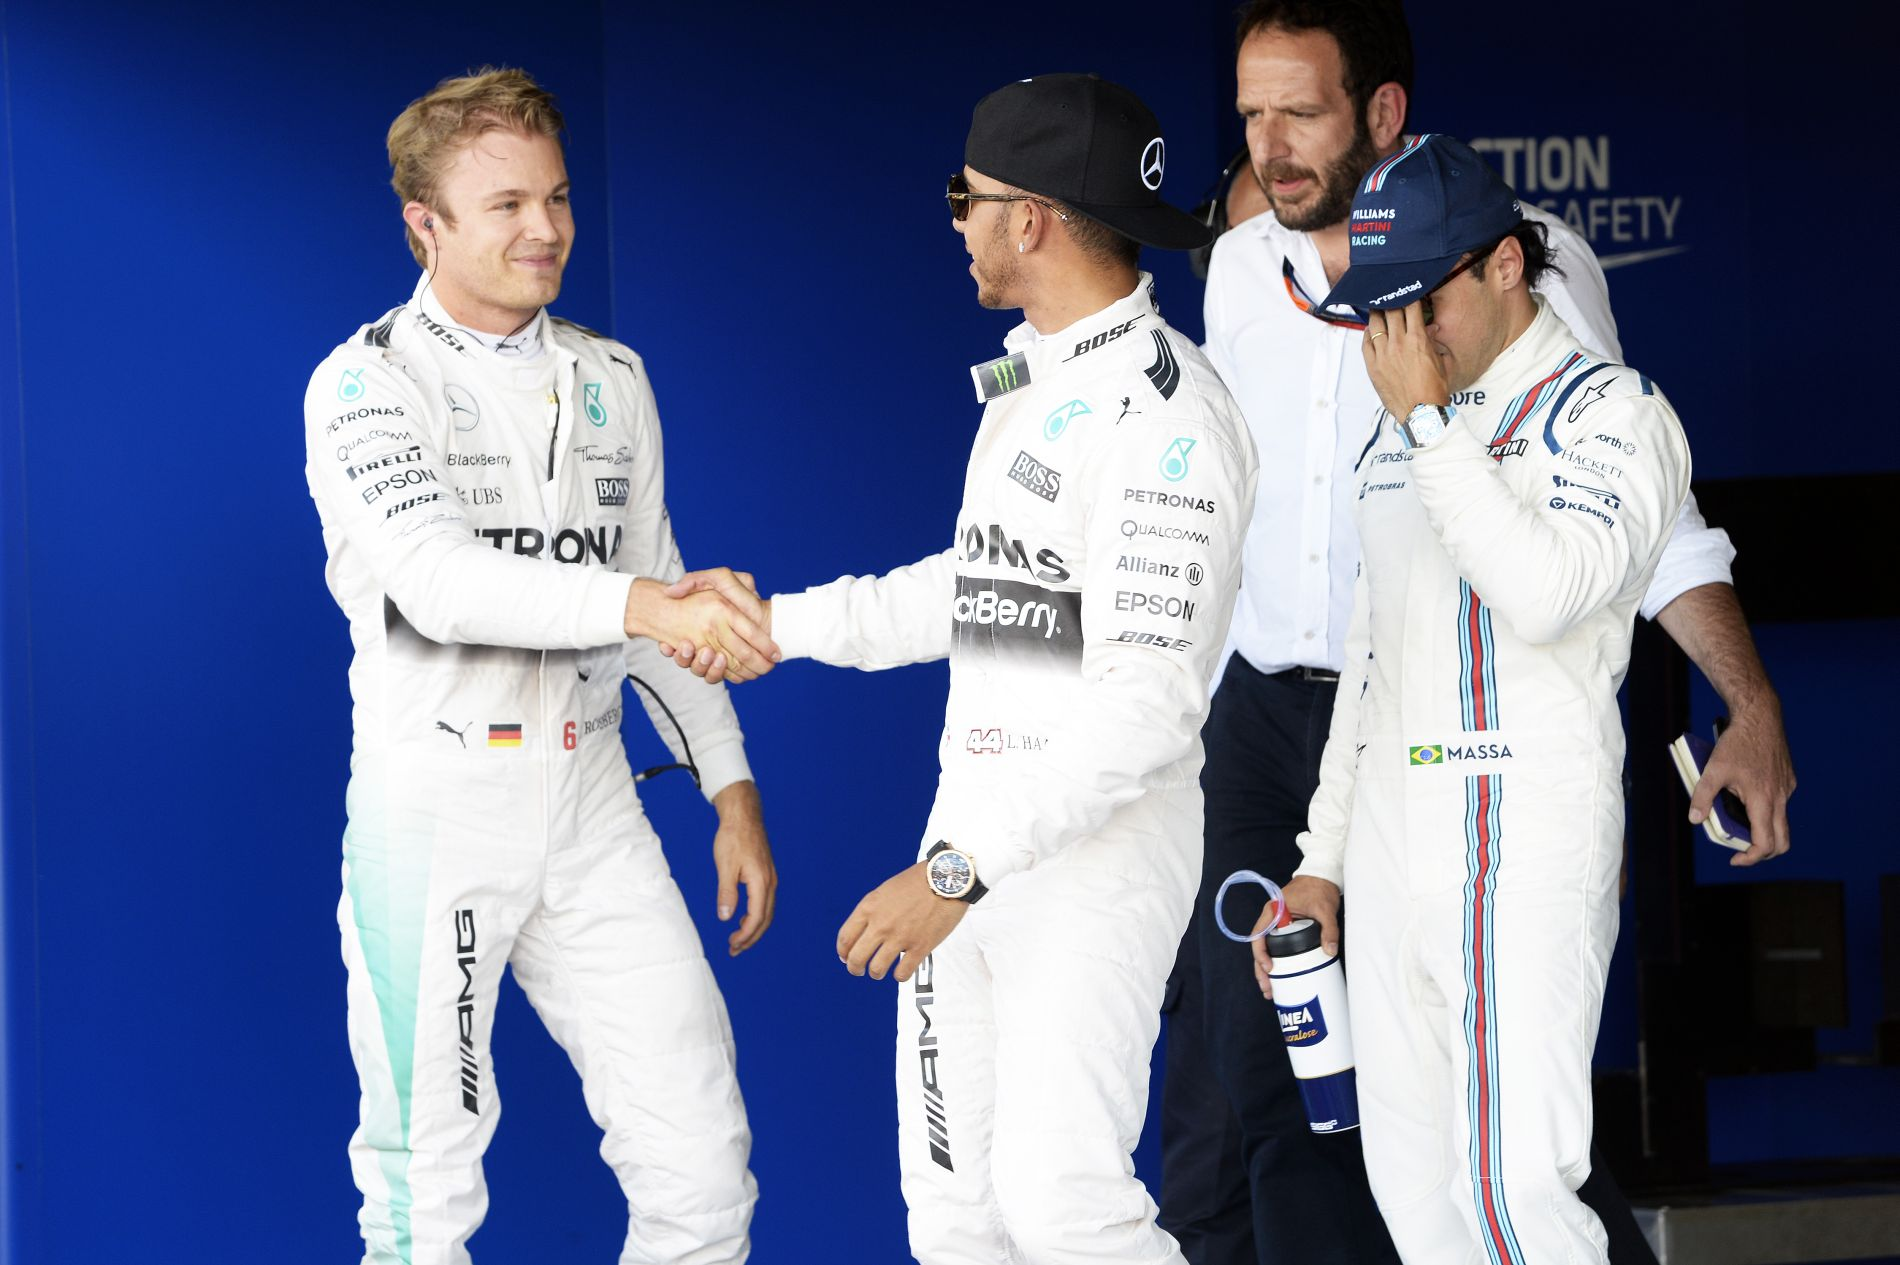 Ügyes trükkel próbálkozott Rosberg, de nem jött be: Hamilton ellenállt a kísértésnek